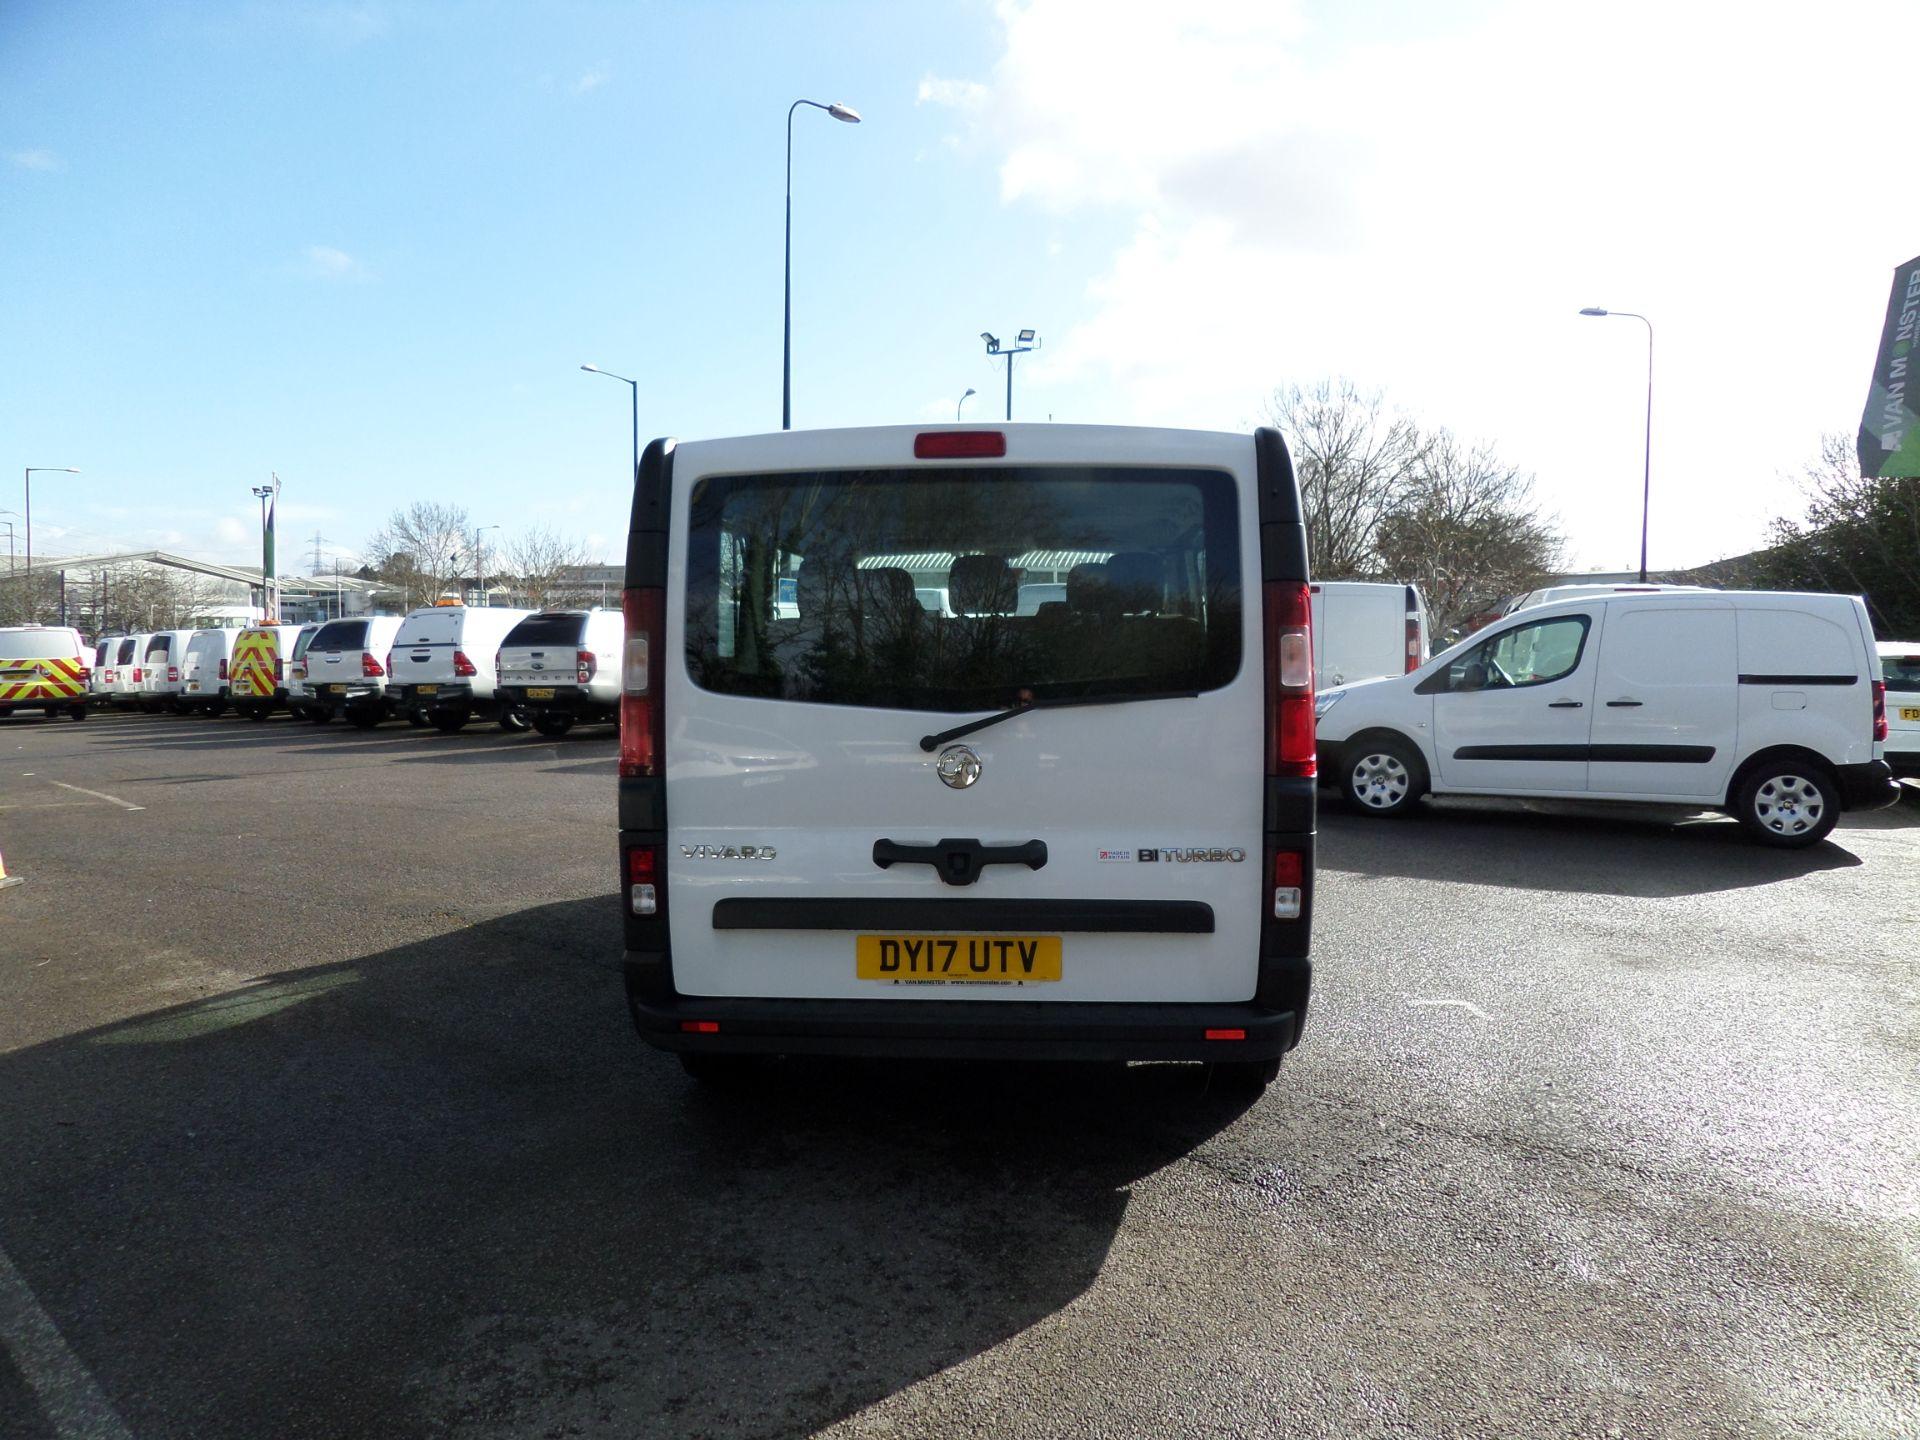 2017 Vauxhall Vivaro 2900 1.6Cdti Biturbo 125Ps H1 Combi 9 Seat (NO VAT) 70mph Limited (DY17UTV) Image 3